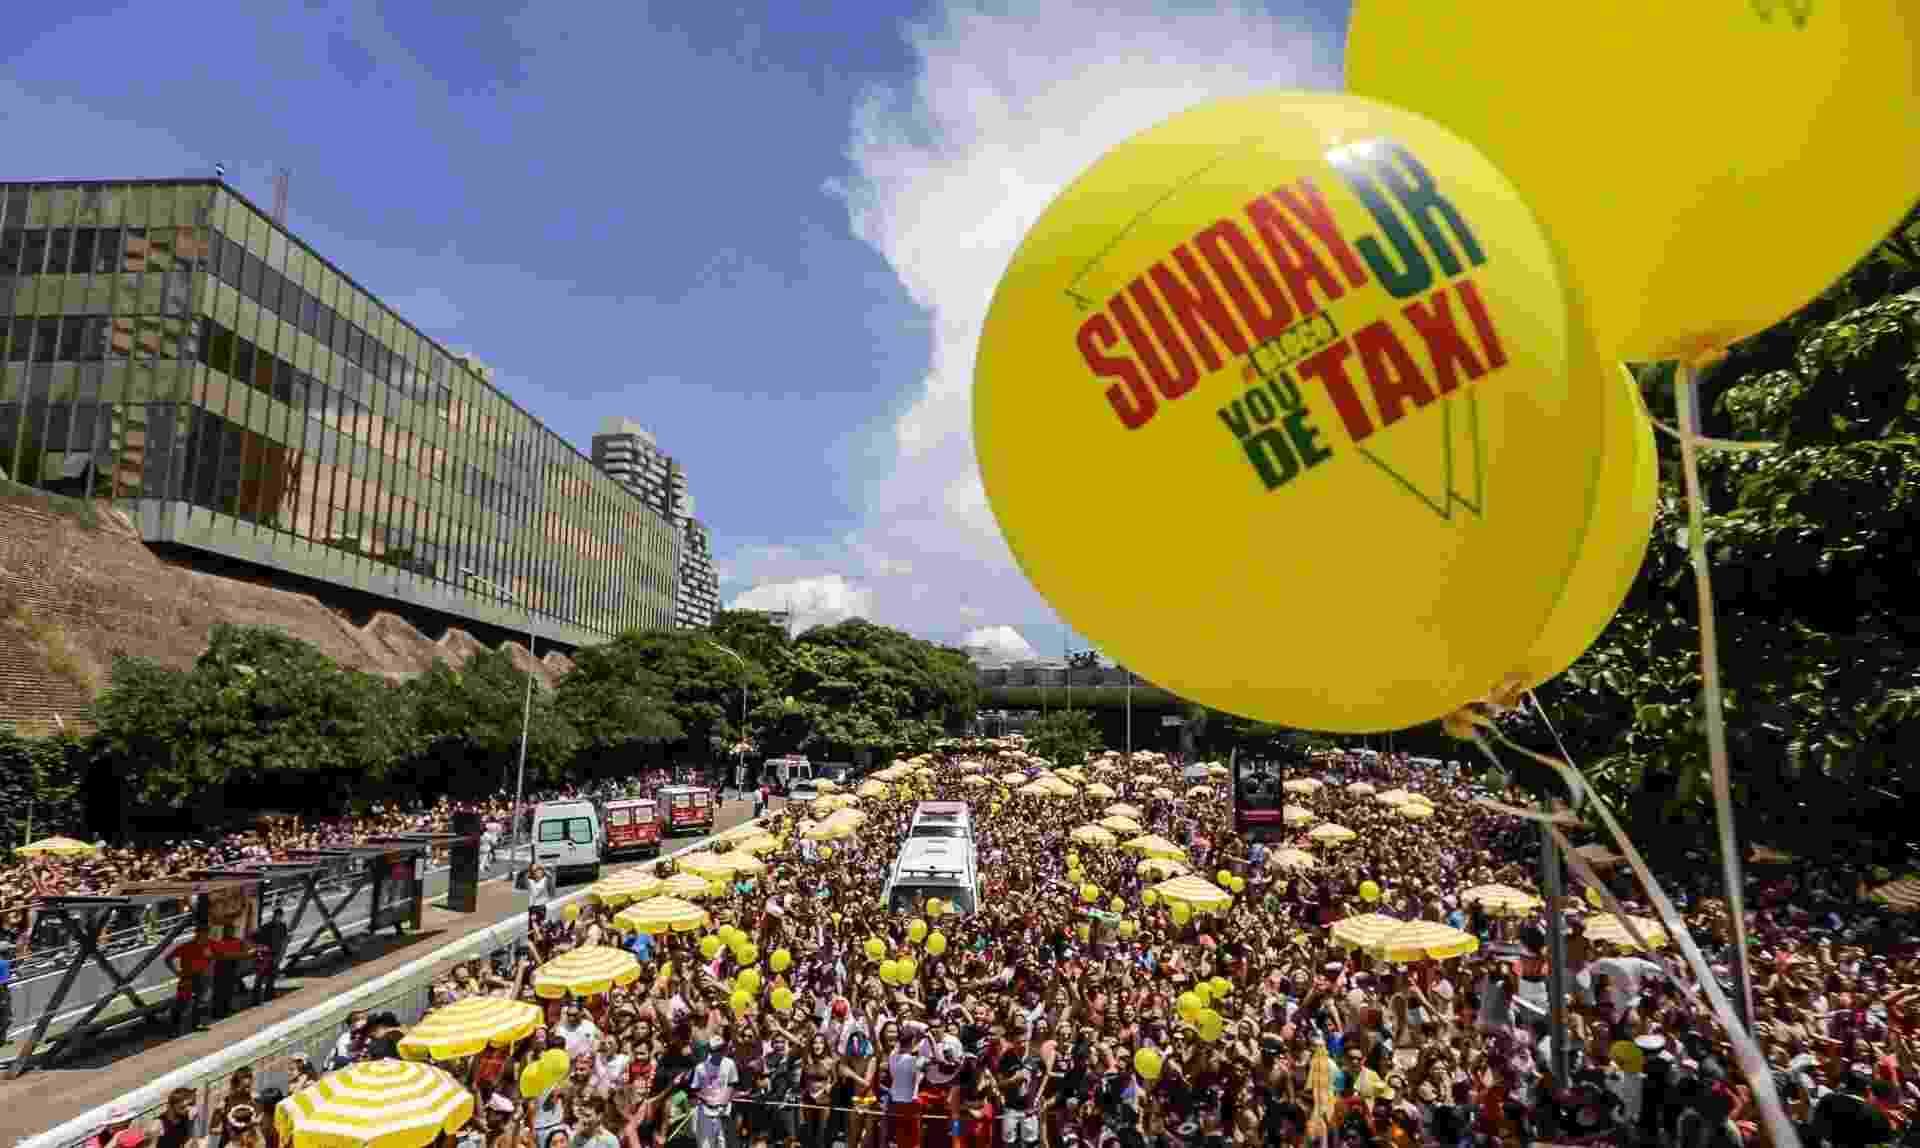 Bloco Vou de Táxi desfilou na manhã deste domingo no novo espaço dedicado ao Carnaval de São Paulo - Marcelo Justo/UOL